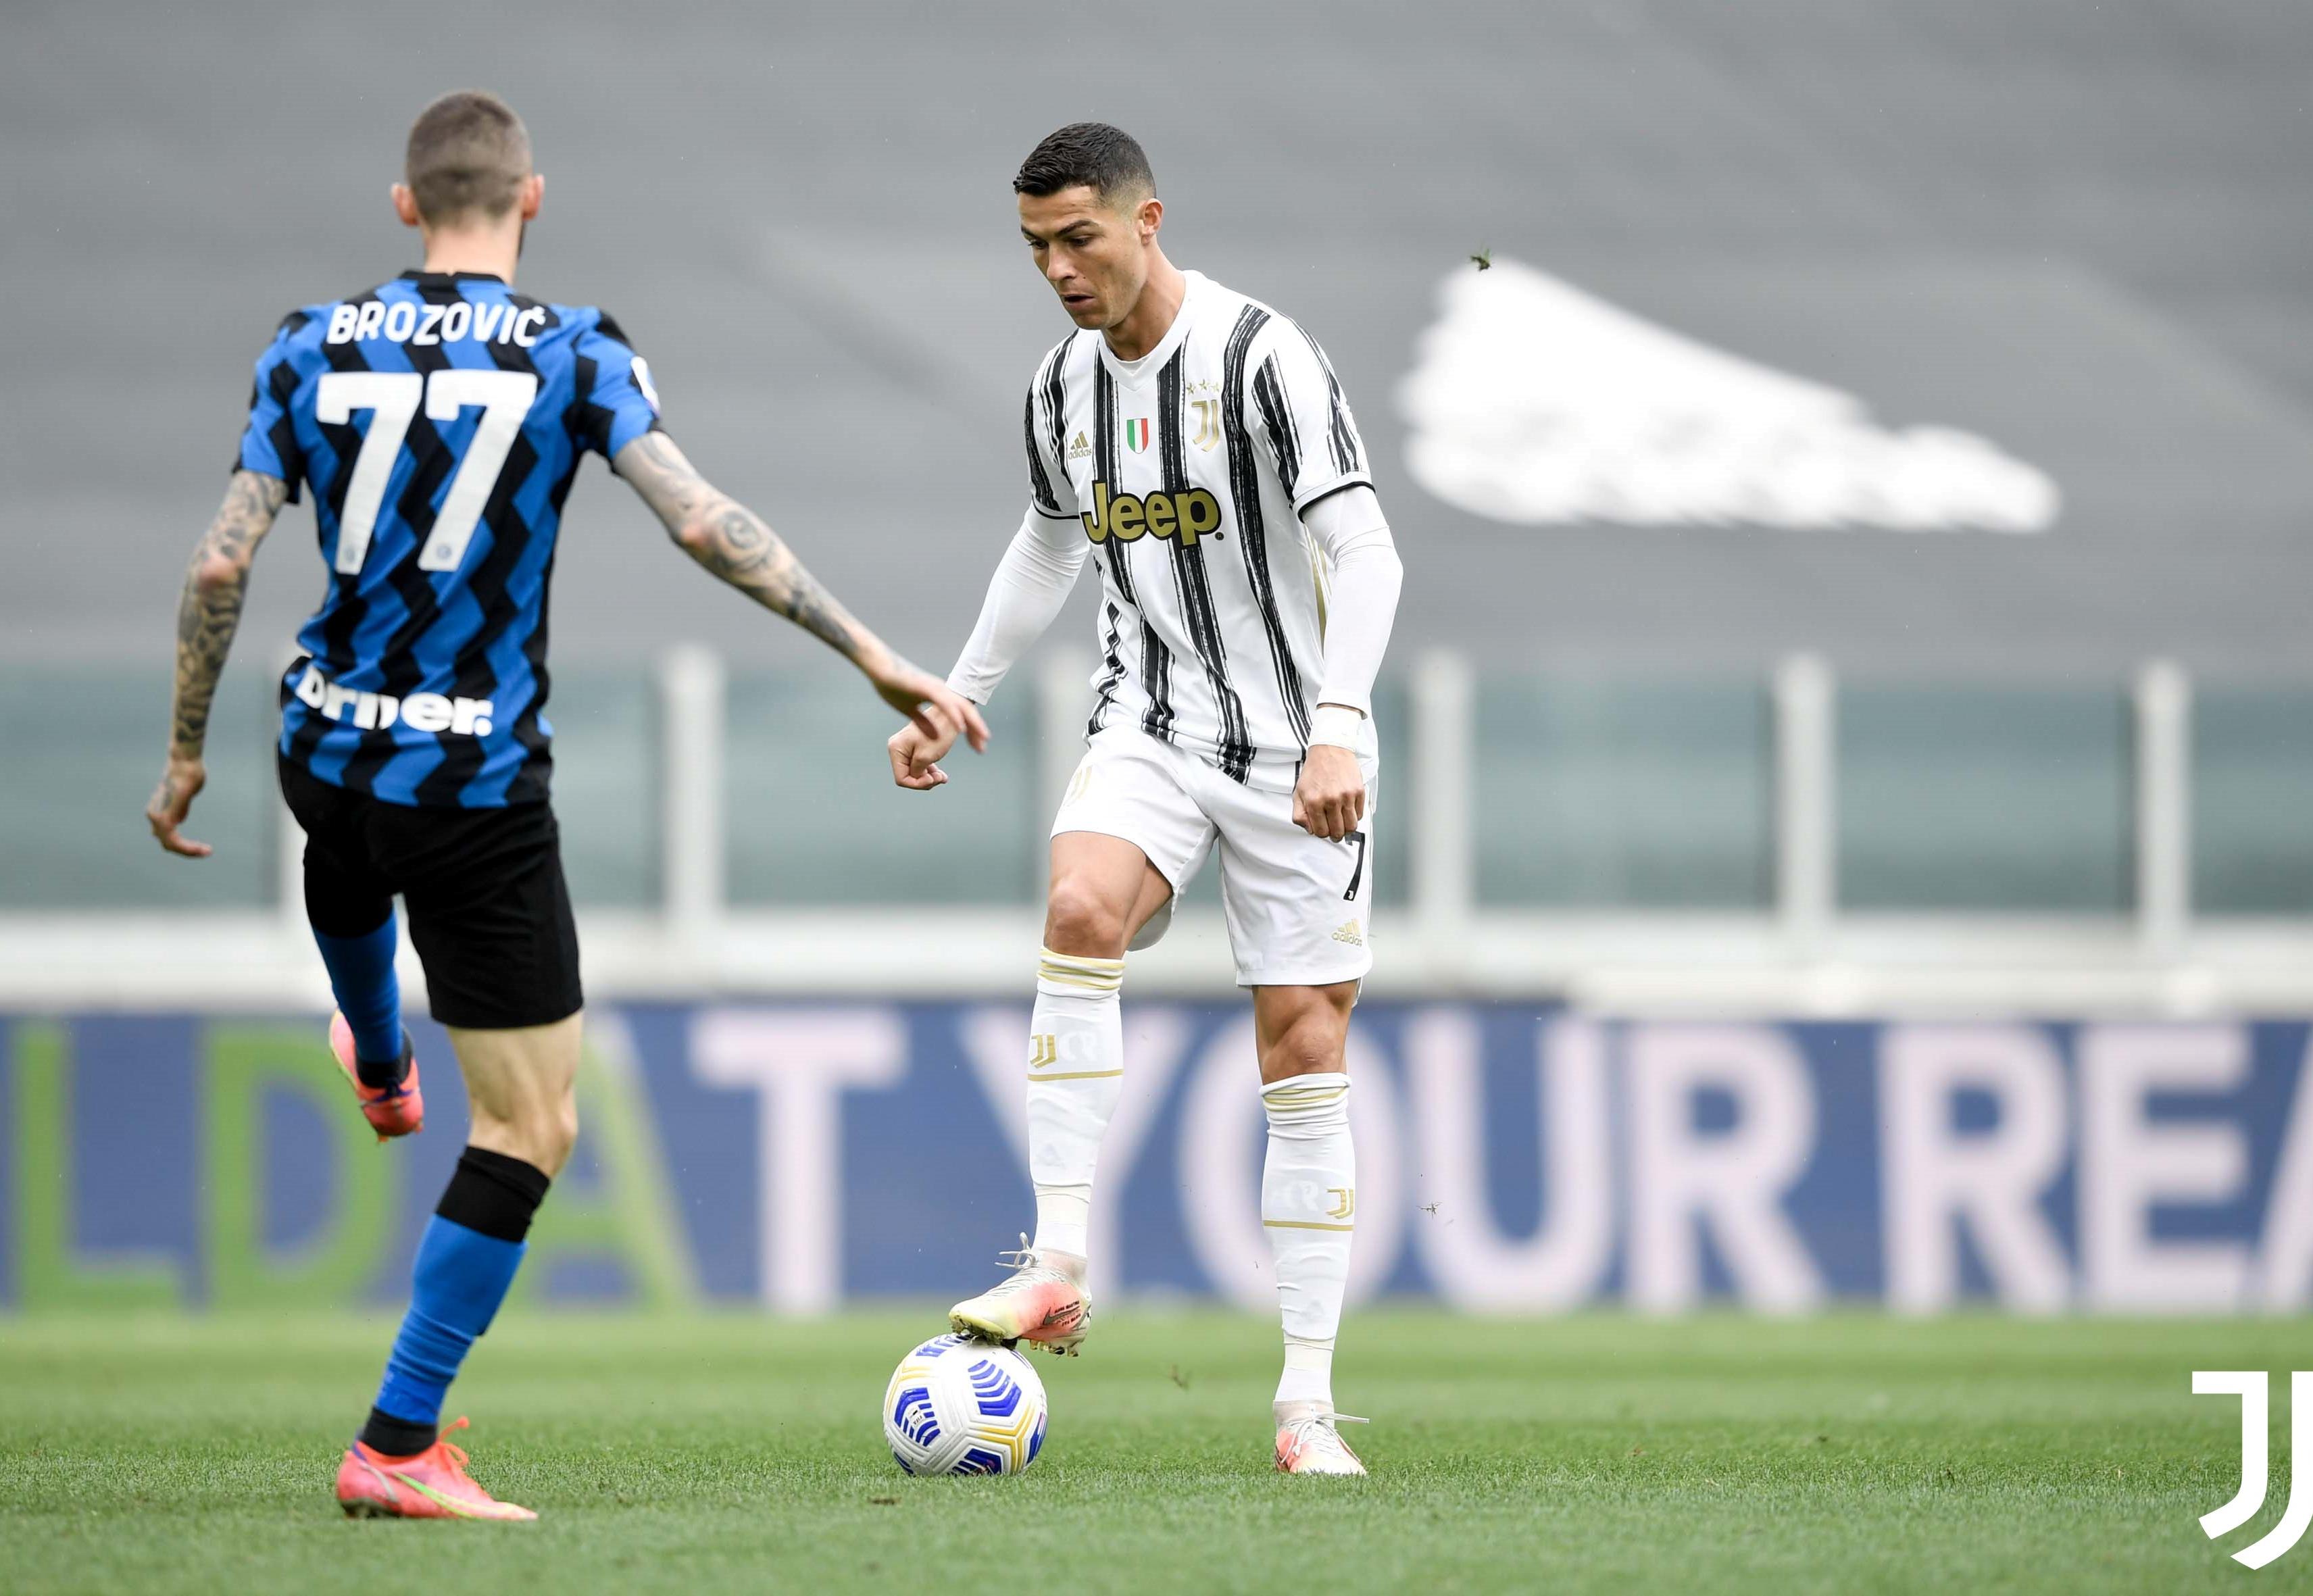 Com polêmica, Juventus bate Inter e segue na briga pela Champions; assista